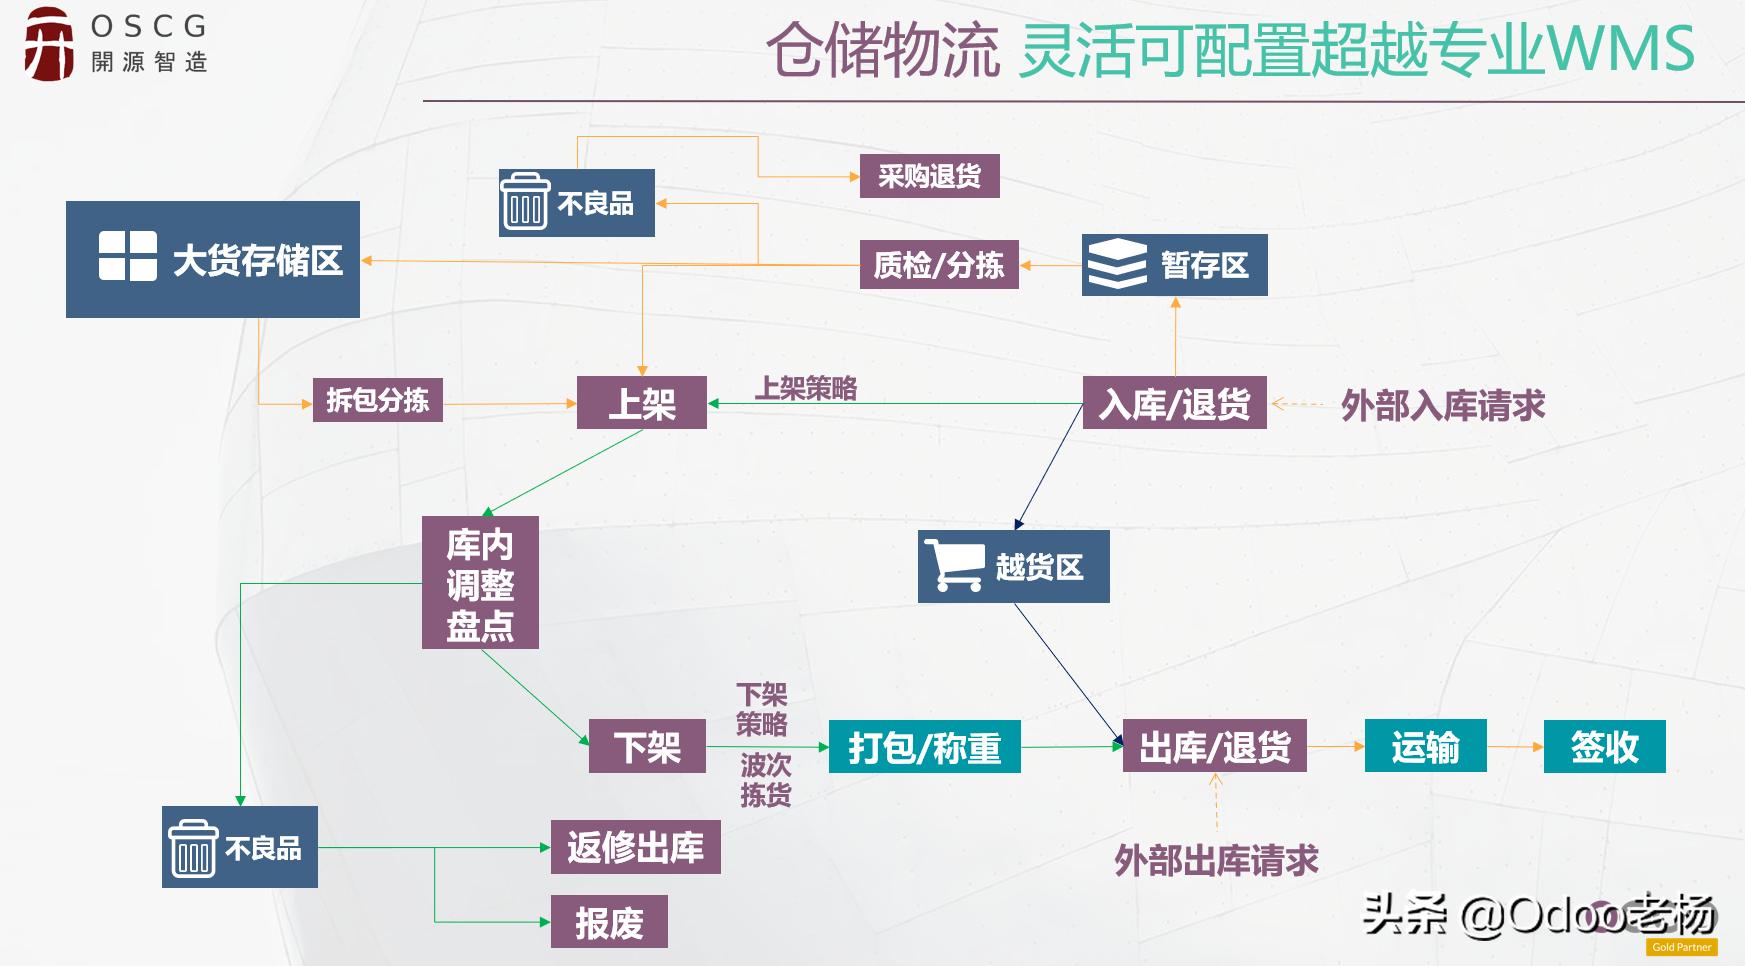 世界排名第一的免费开源WMS仓储物流管理系统介绍